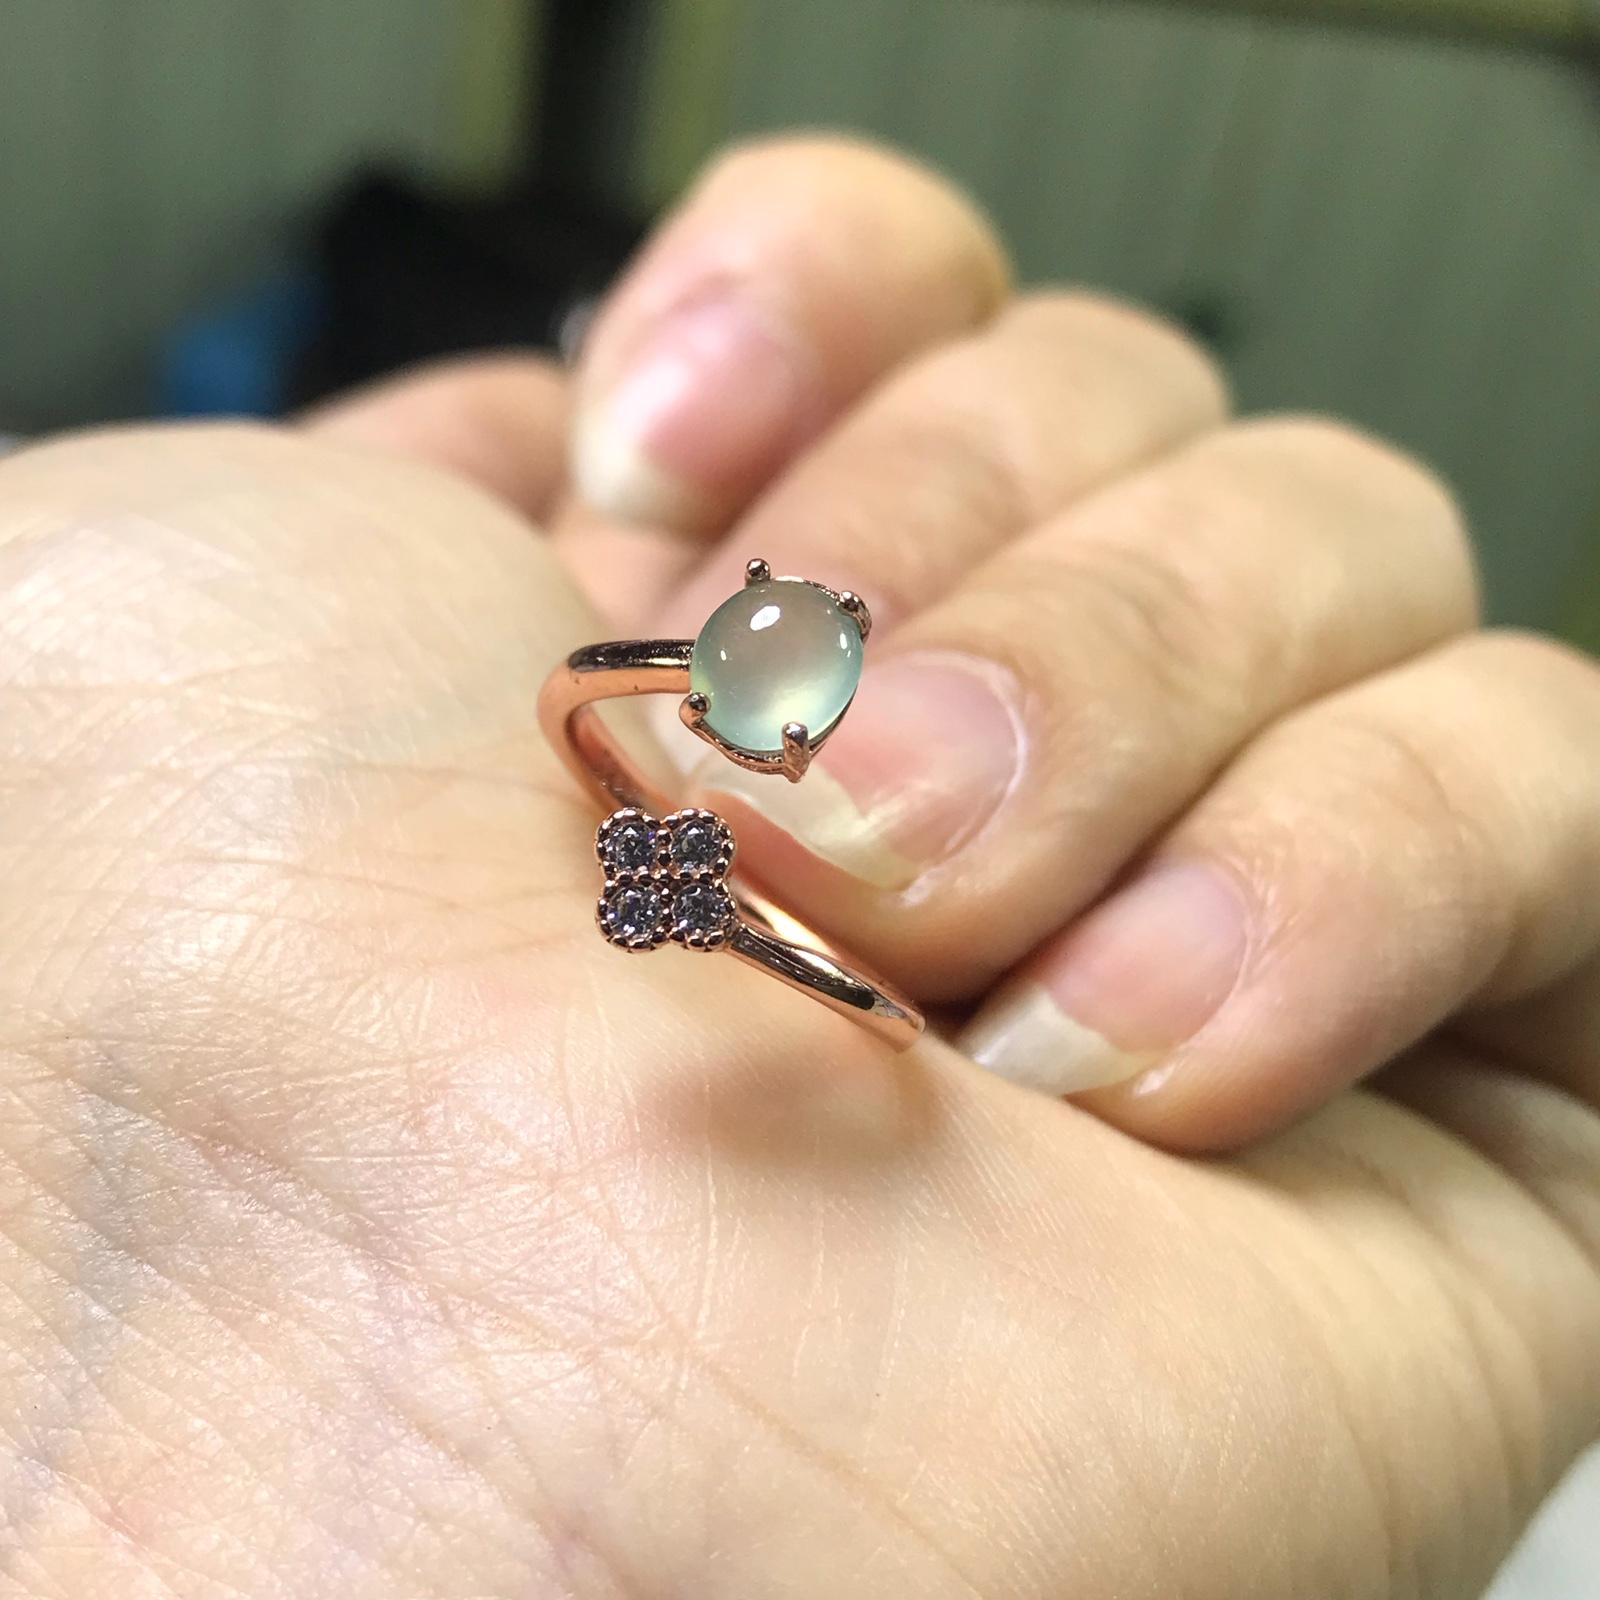 s925银镶嵌 缅甸天然翡翠A货戒指女指环 冰种玉石珠宝 送礼佳品